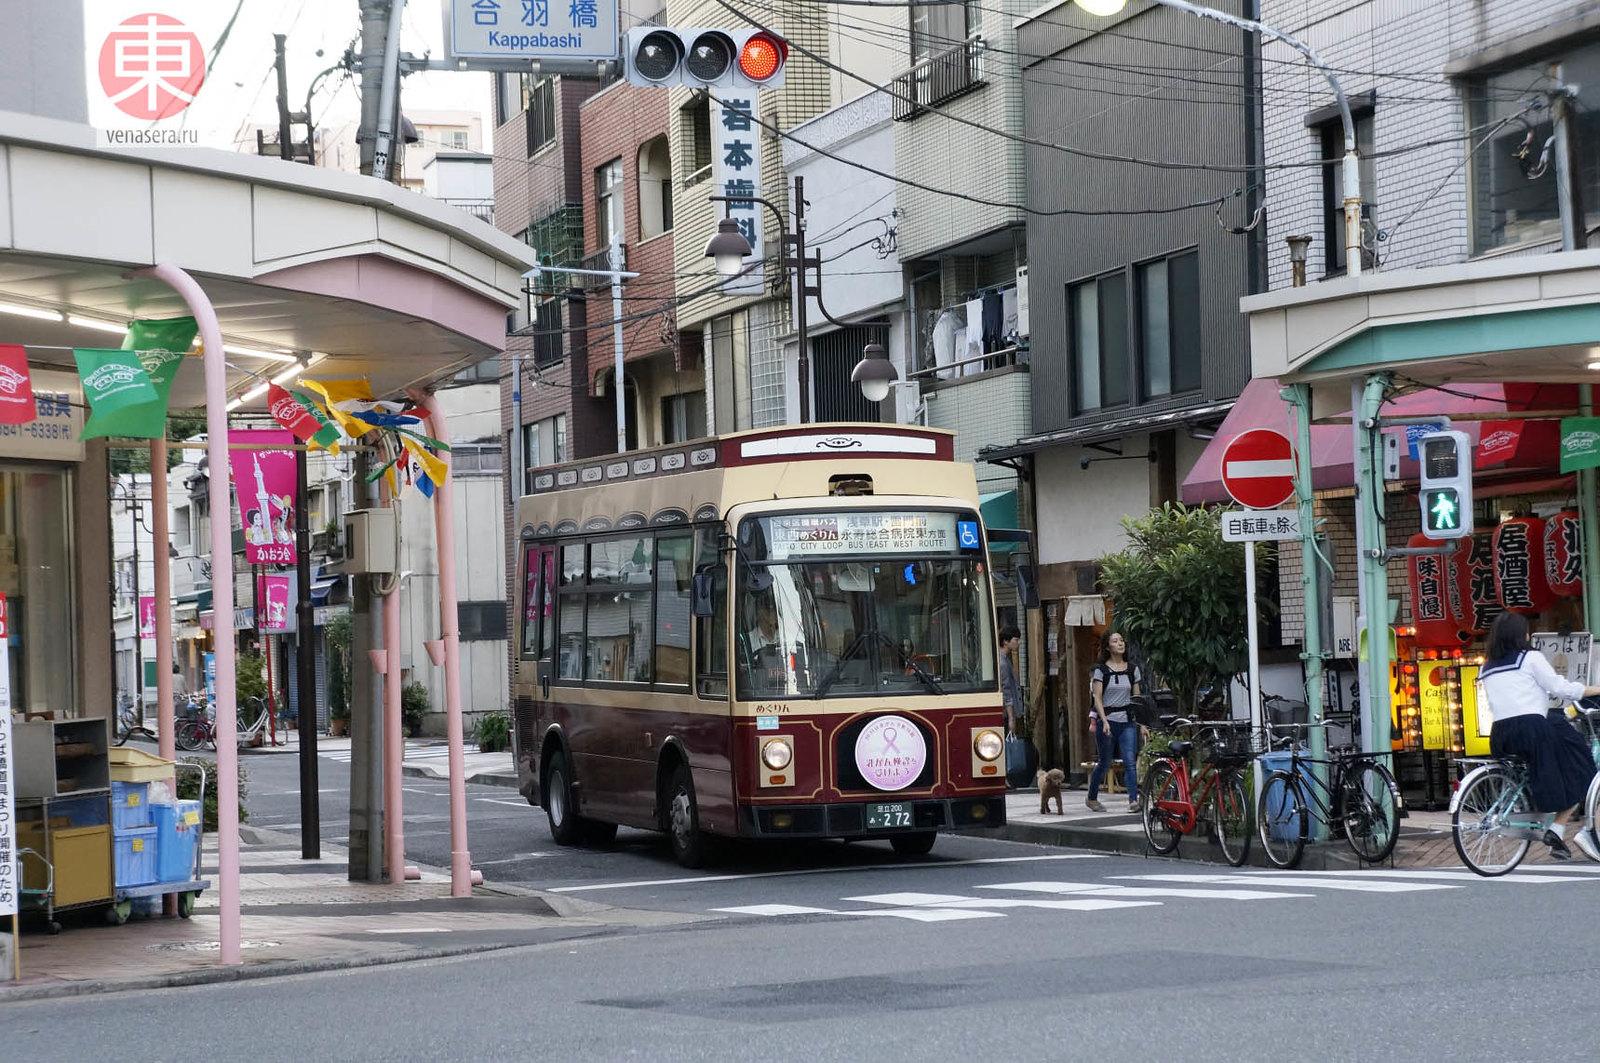 Улица Каппа-баси, Токио.